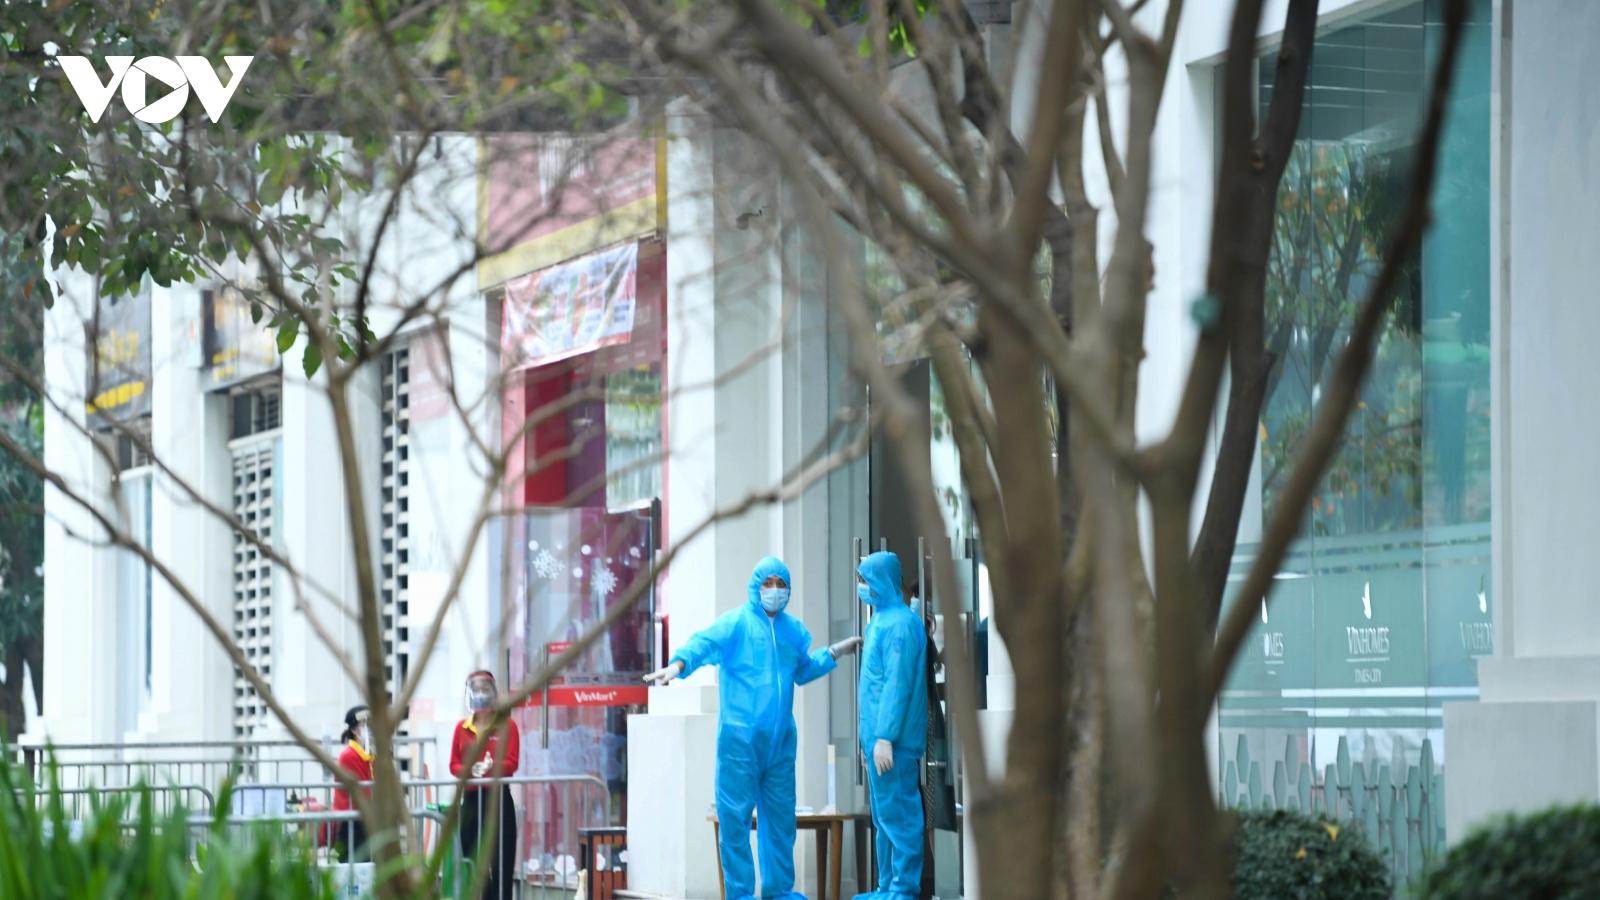 Phong tỏa Tòa T6 Times City (Hà Nội): Nườm nượp cảnh tiếp tế nhu yếu phẩm